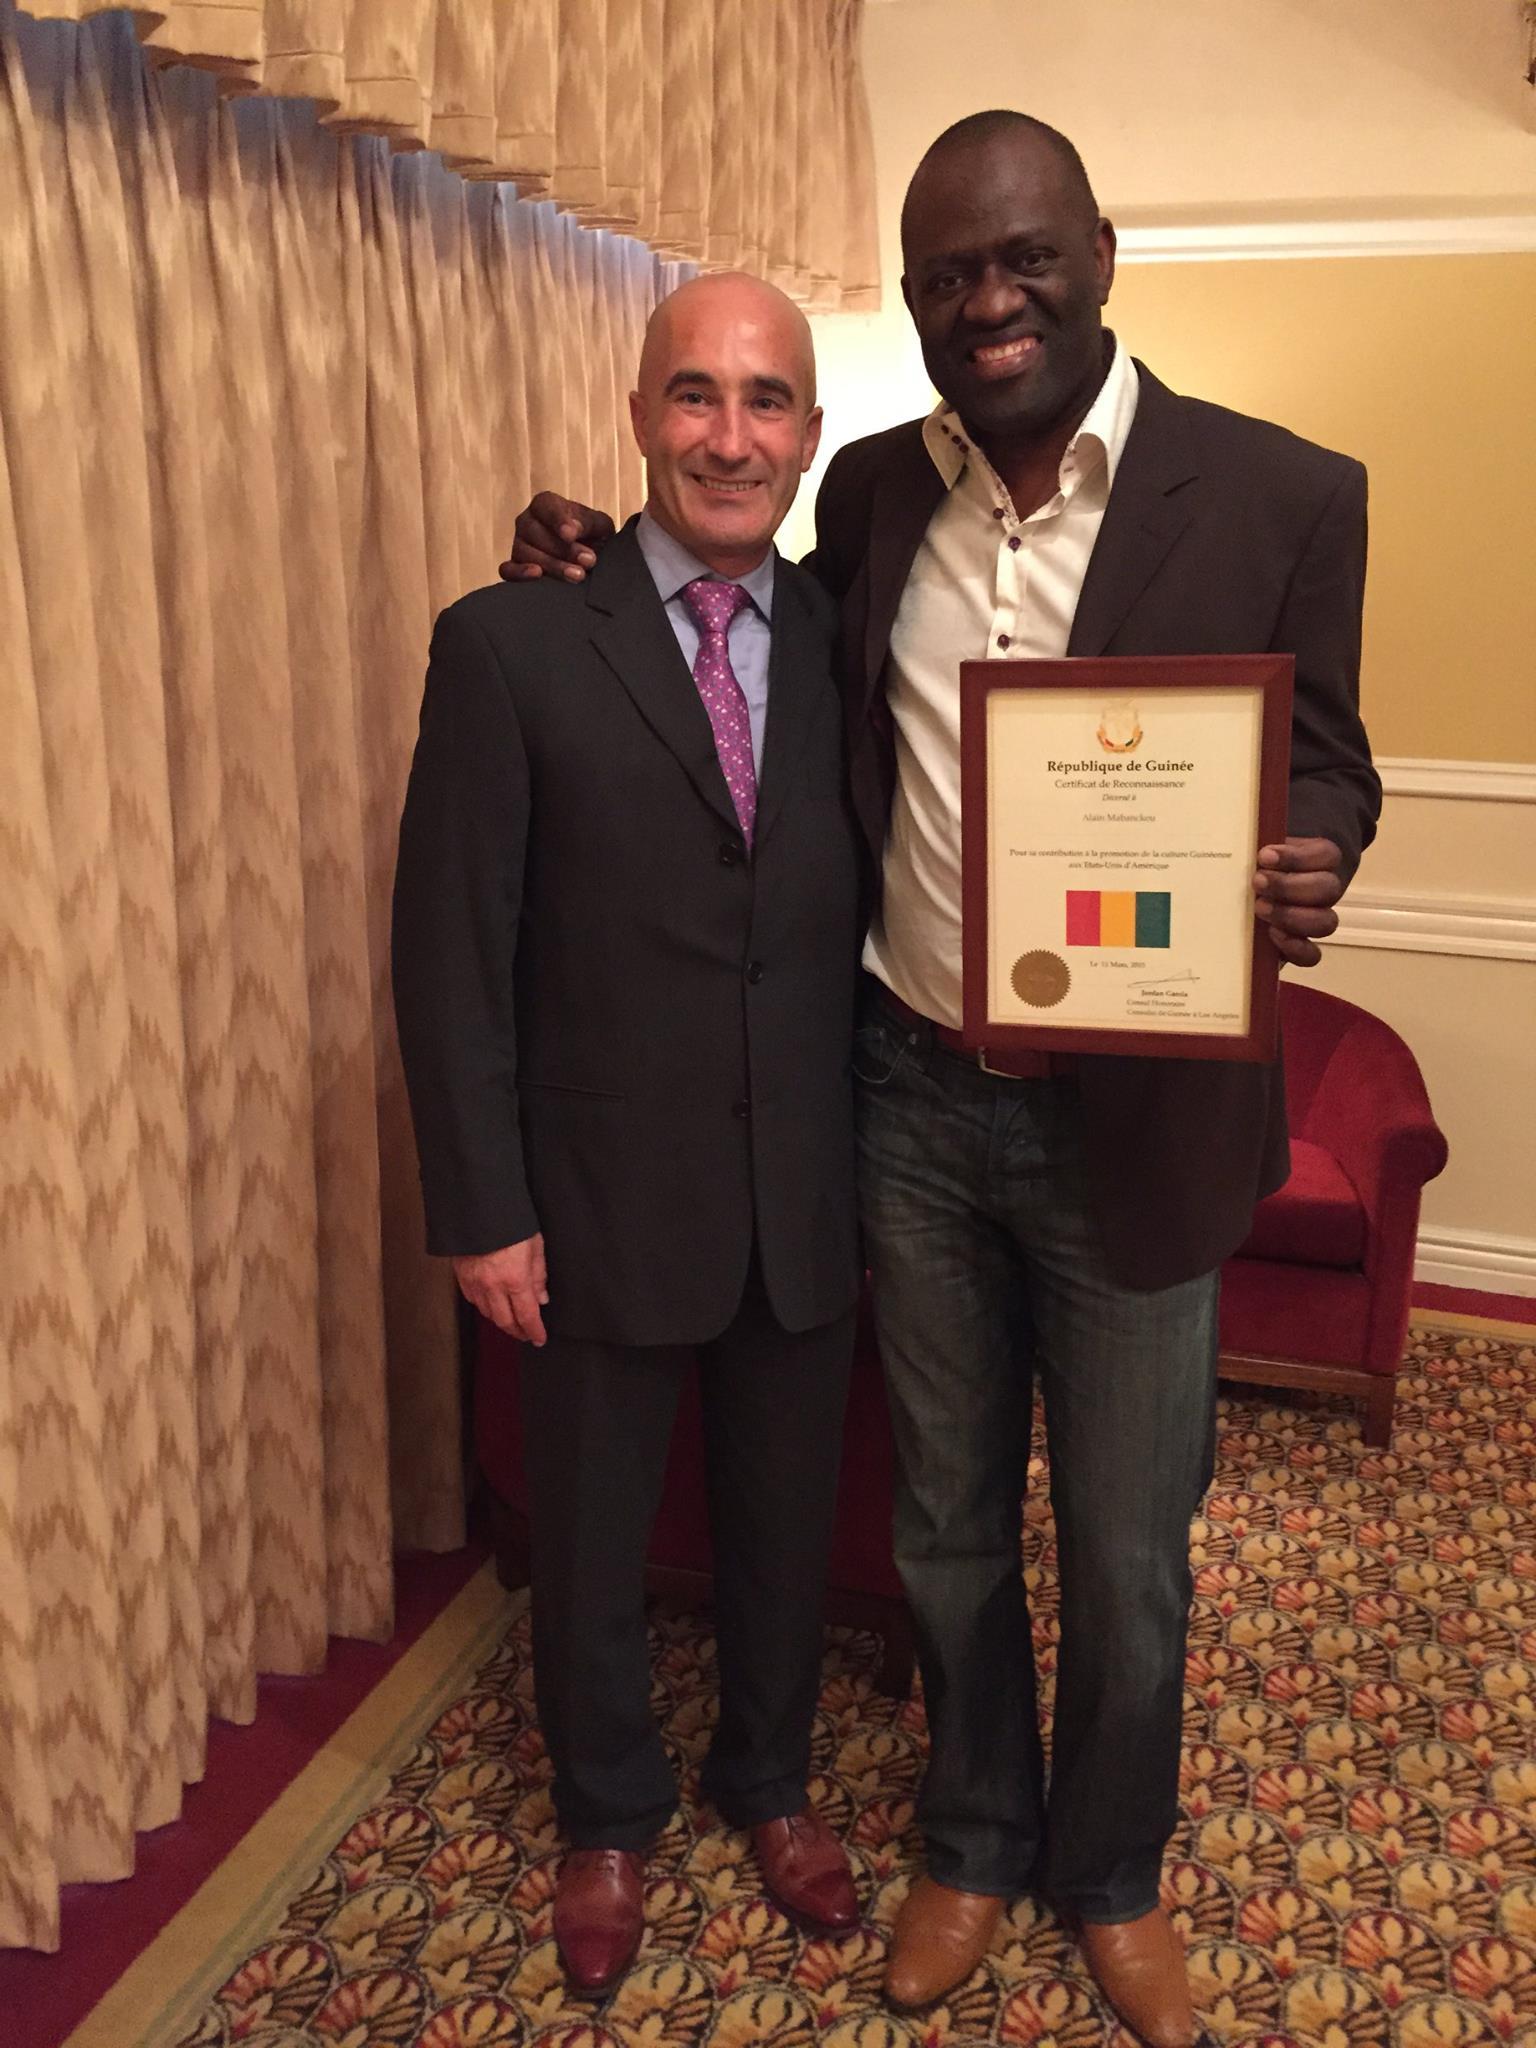 """- """"En 2015 j'avais remis un Certificat de Reconnaissance au nom de la République de Guinée a mon ami le célèbre écrivain Alain Mabanckou il y avait beaucoup d'emotion dans la salle… """""""